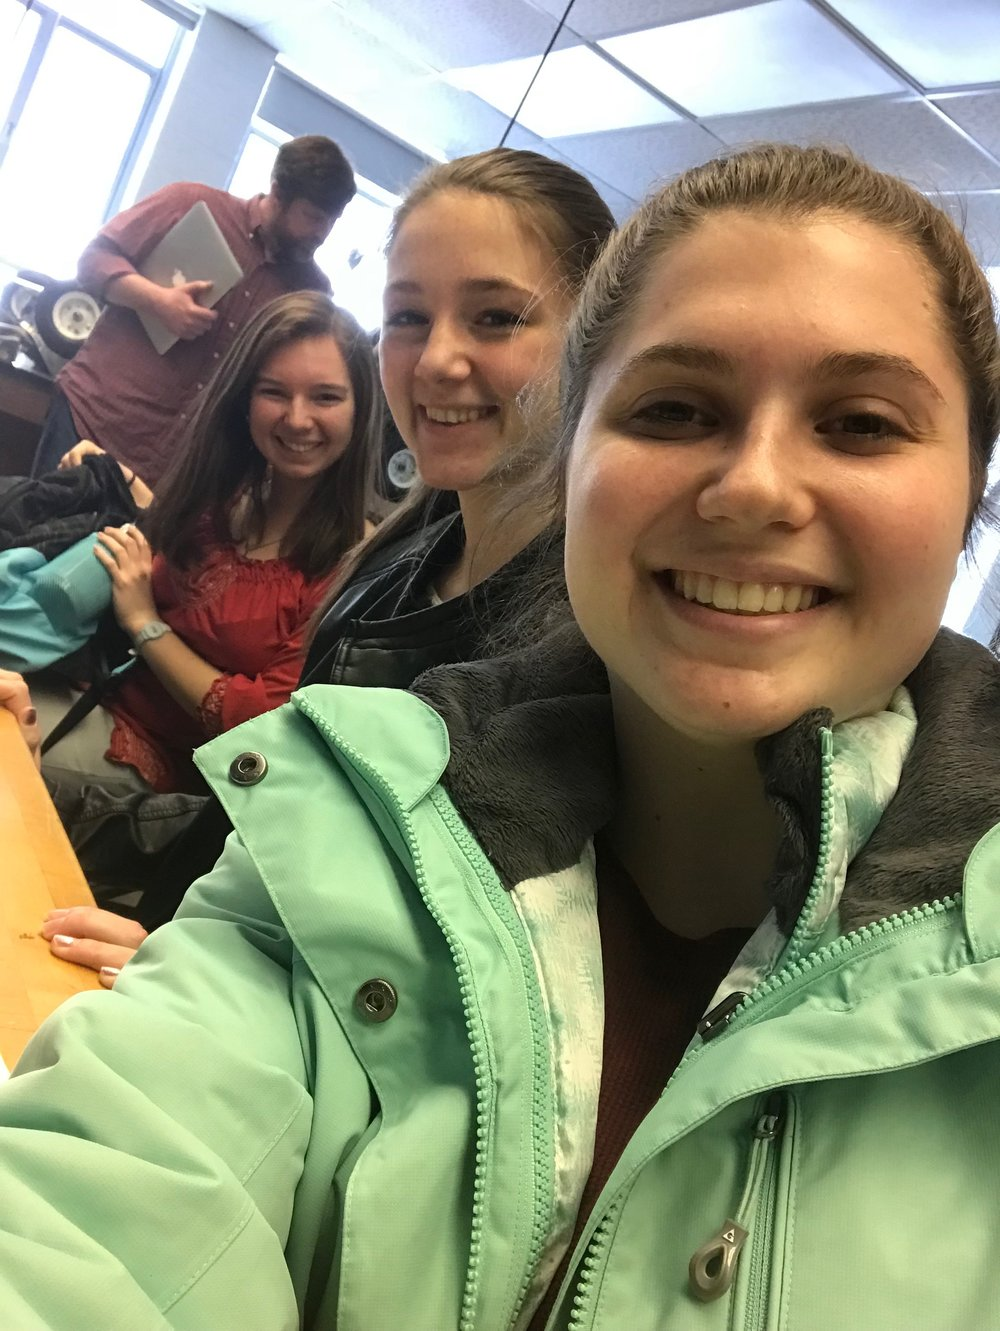 Kara with her Science Honors group members